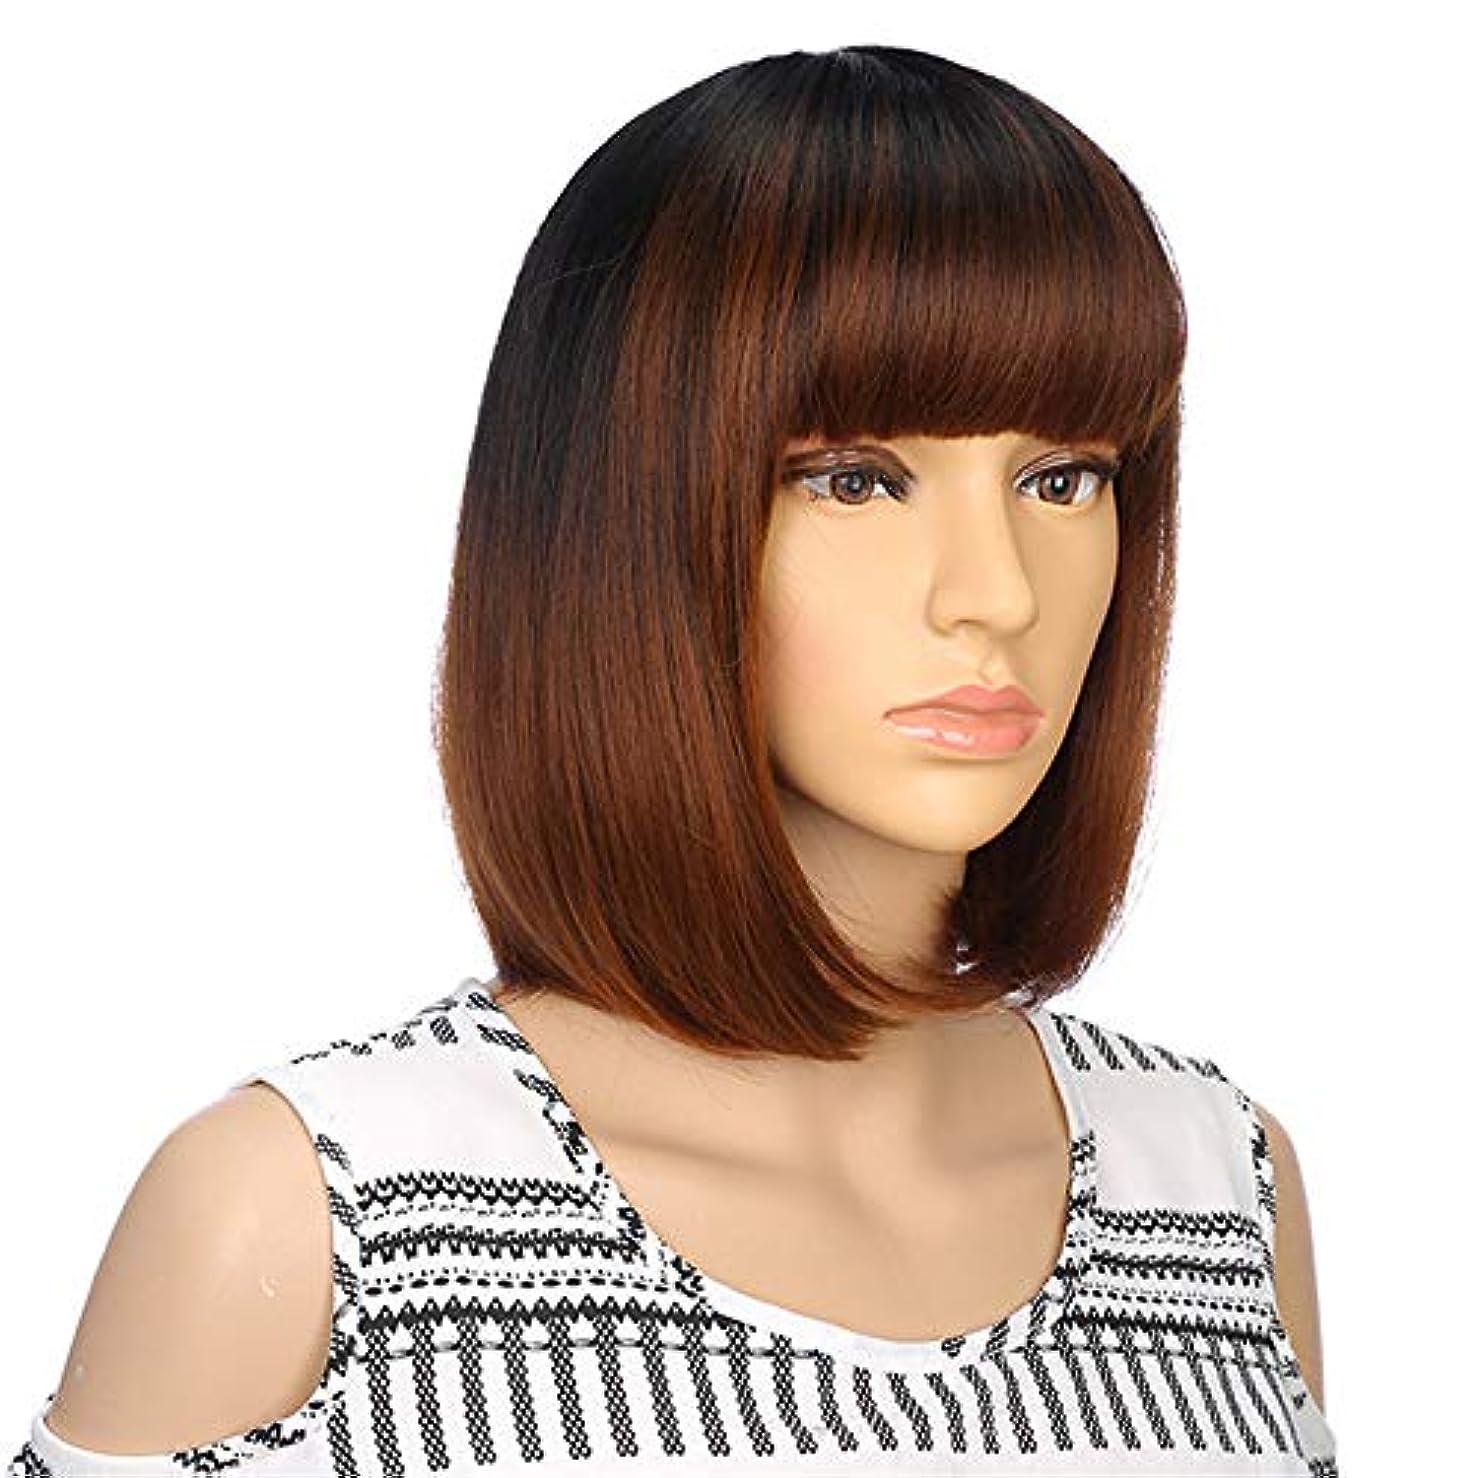 コンサルタント首尾一貫した希少性ヘアエクステンション合成ブラウンストレートウィッグ女性用前髪長ボブヘアウィッグ耐熱ヘアスタイルコスプレウィッグ13インチ